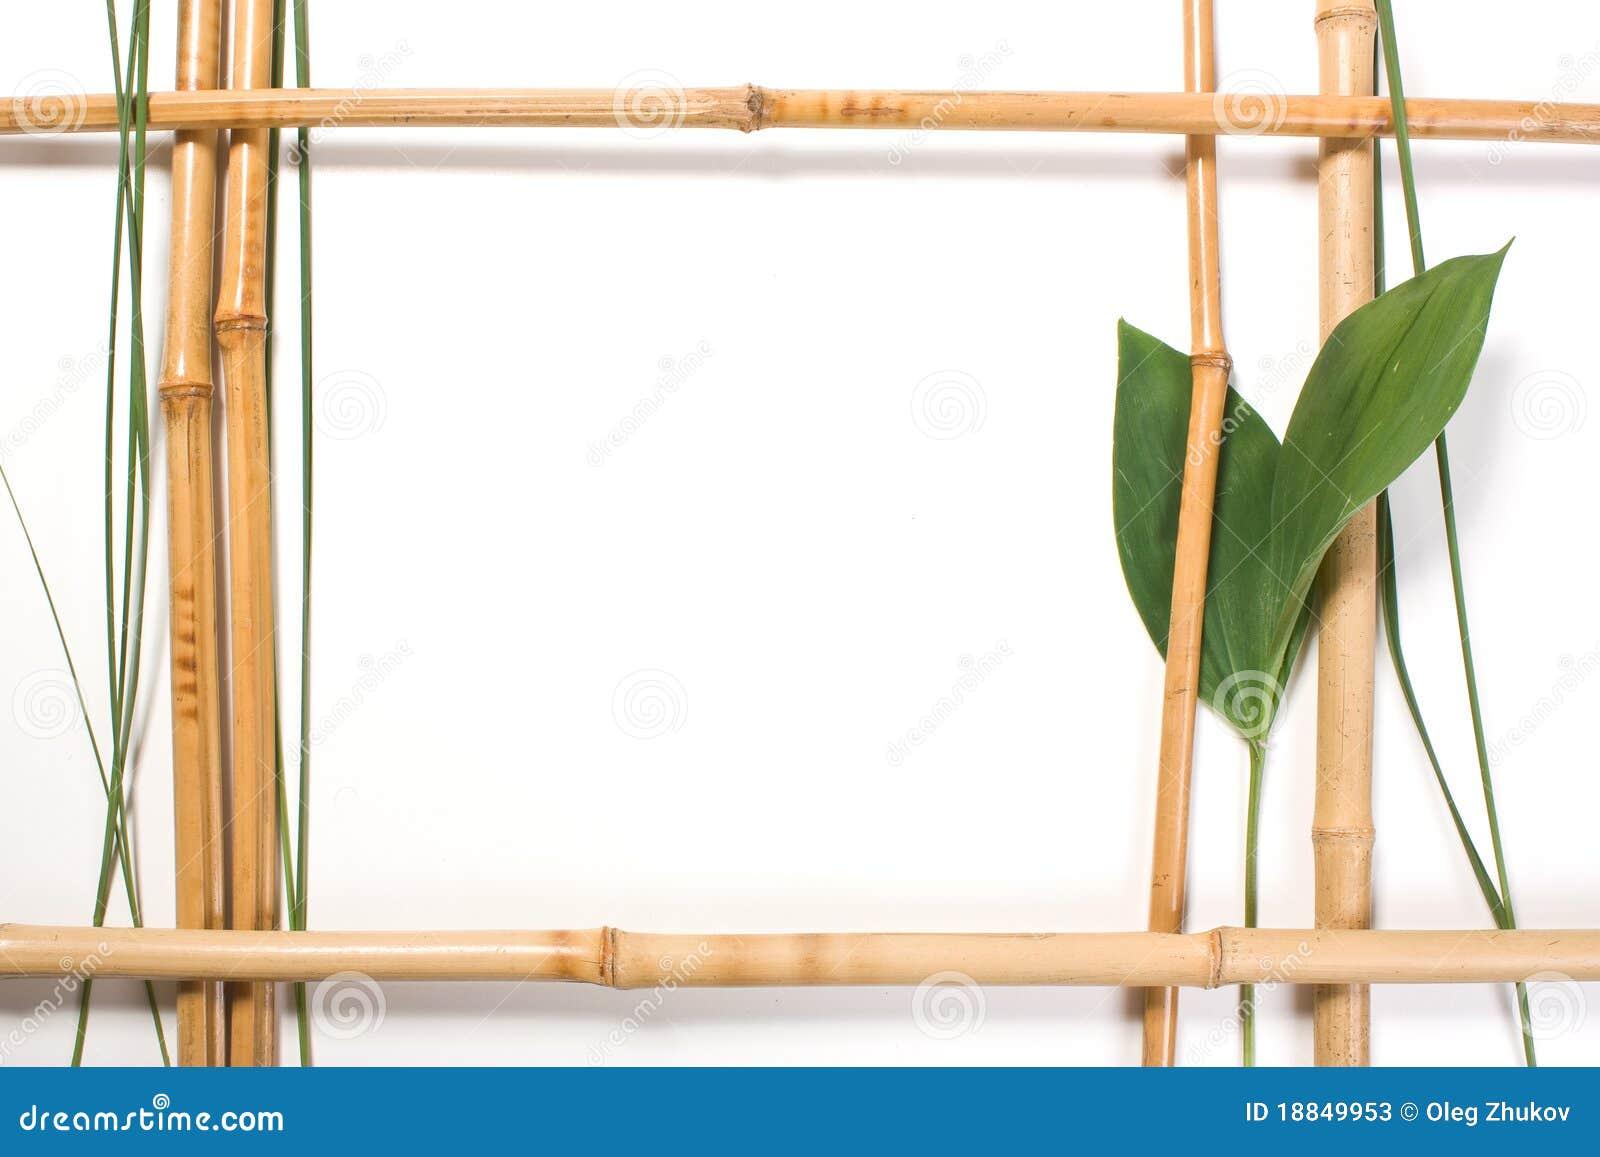 Cap tulo para los cuadros del bamb imagen de archivo imagen de nuca hojas 18849953 - Imagenes para cuadros ...